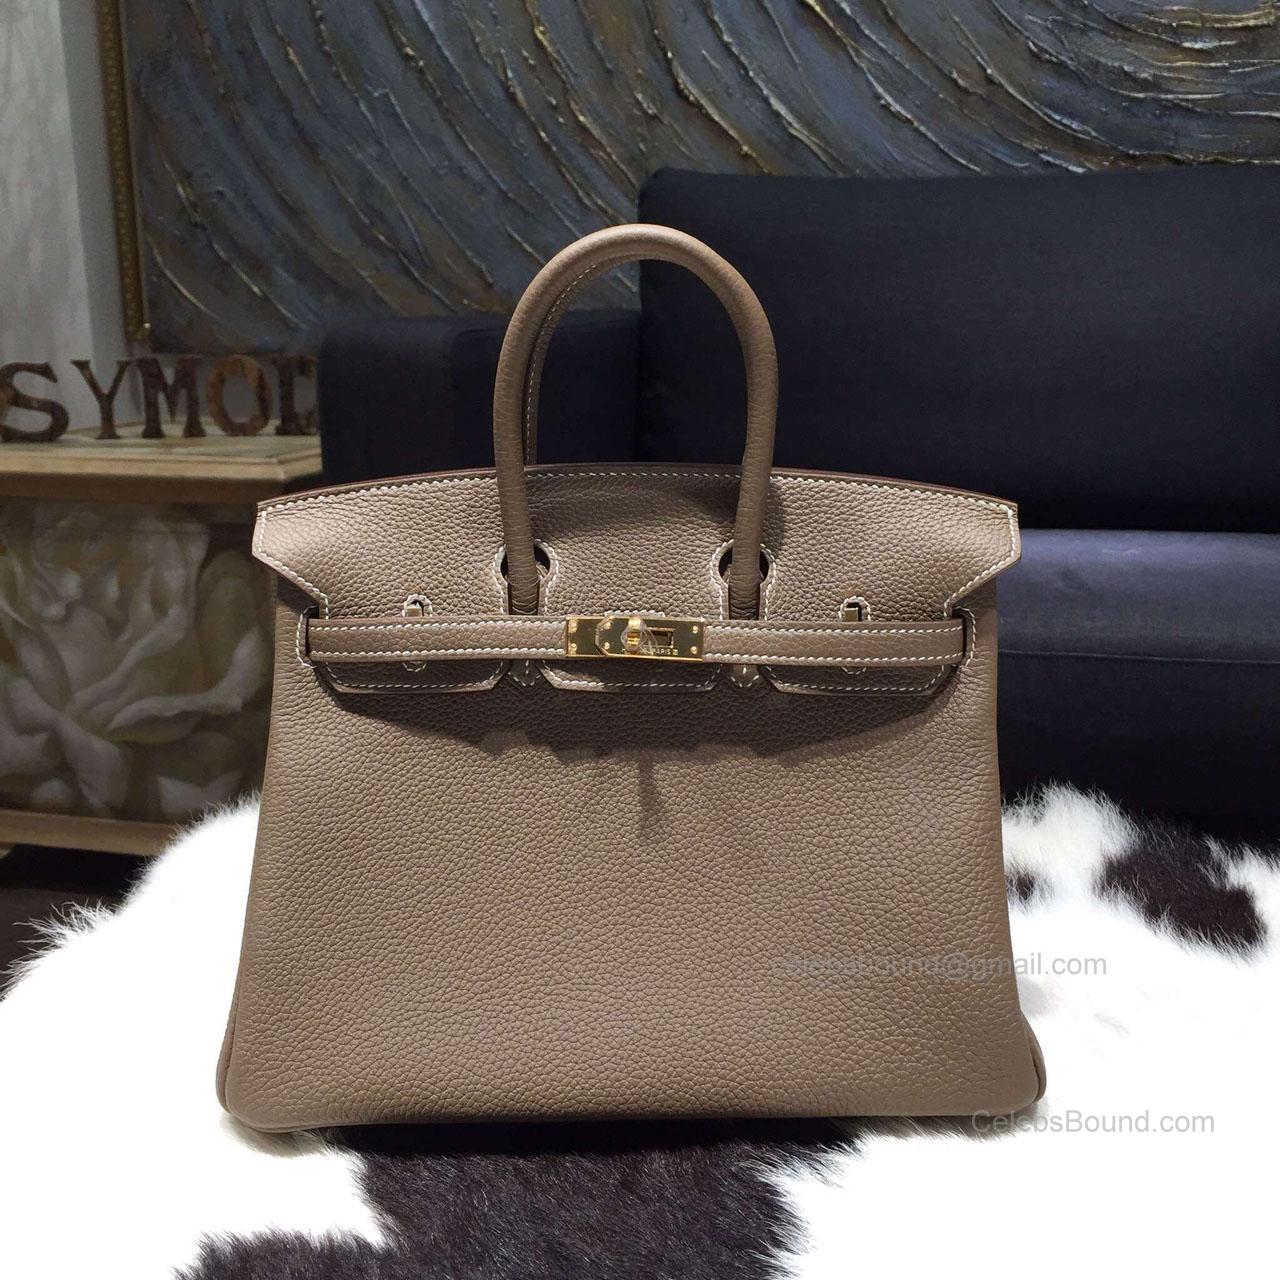 bde1051a1c4f Hermes Birkin 25 Bag Etoupe Togo Leather Handstitched Gold hw -